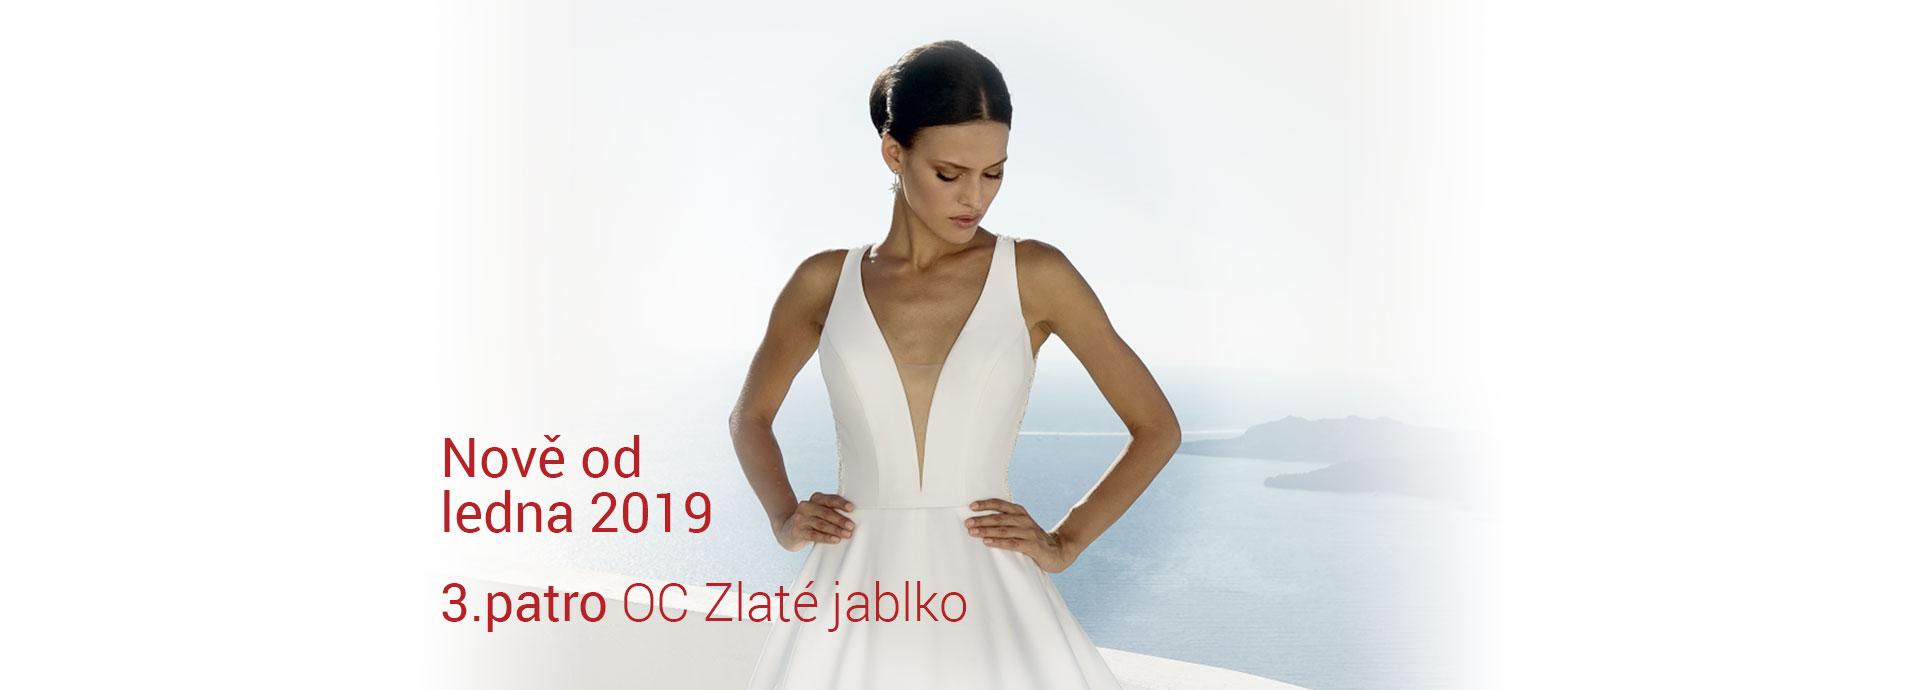 1b583ed86ee6 Svatební šaty Luxusní svatební šaty od předních světových společností  udělají Váš svatební den nezapomenutelným.